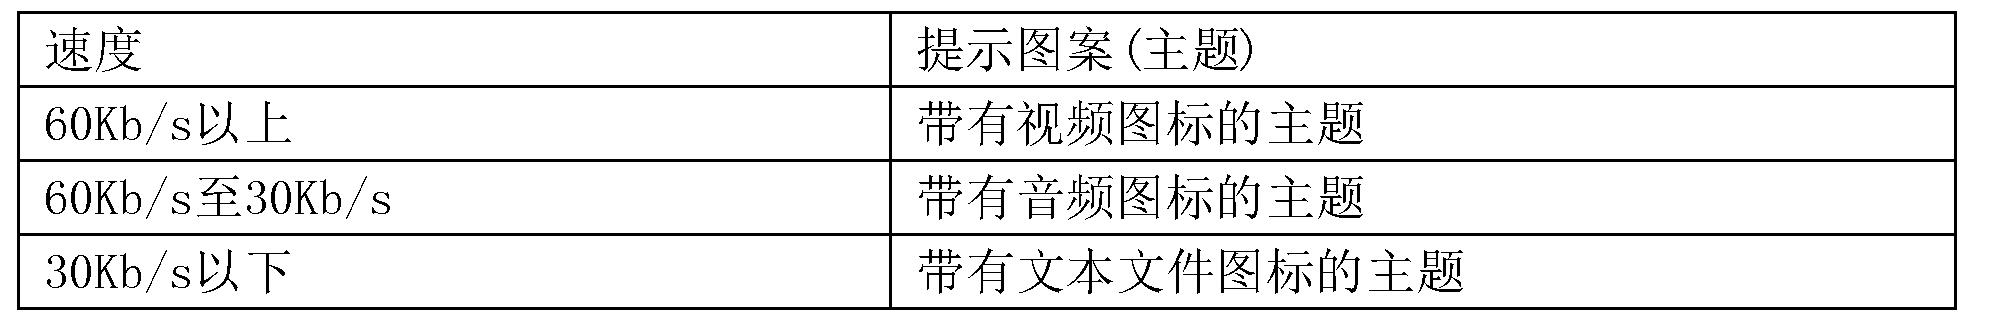 Figure CN103780741BD00052